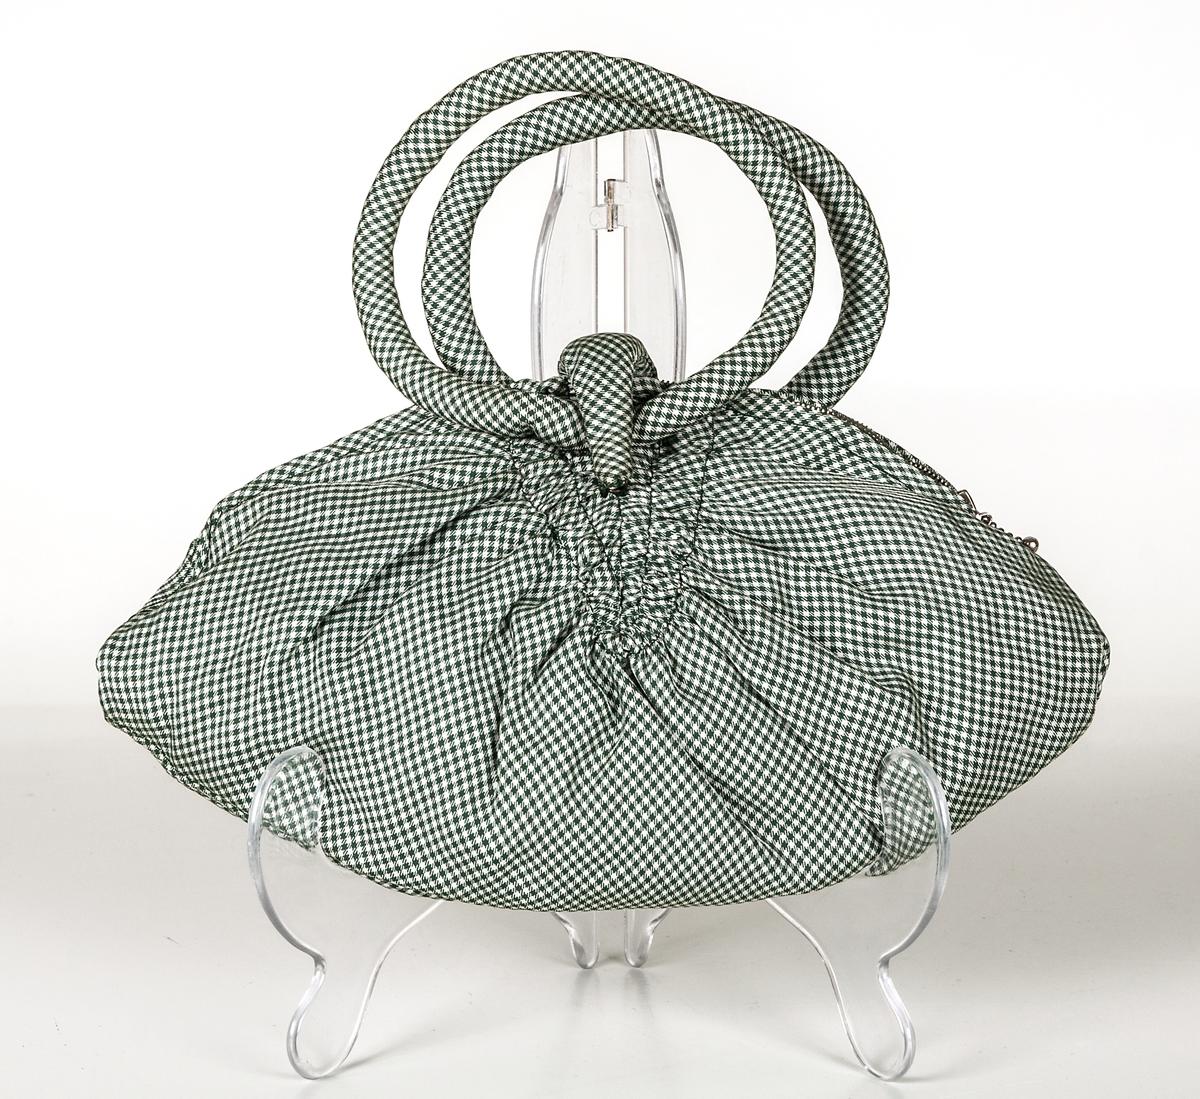 Handväska, kvinno. Smårutmönstrad taft, grönt och vitt. Rynkad rugbybollsliknande form. Vit metalldragedja. Två runda handtag. Inuti, grönt taftfoder.